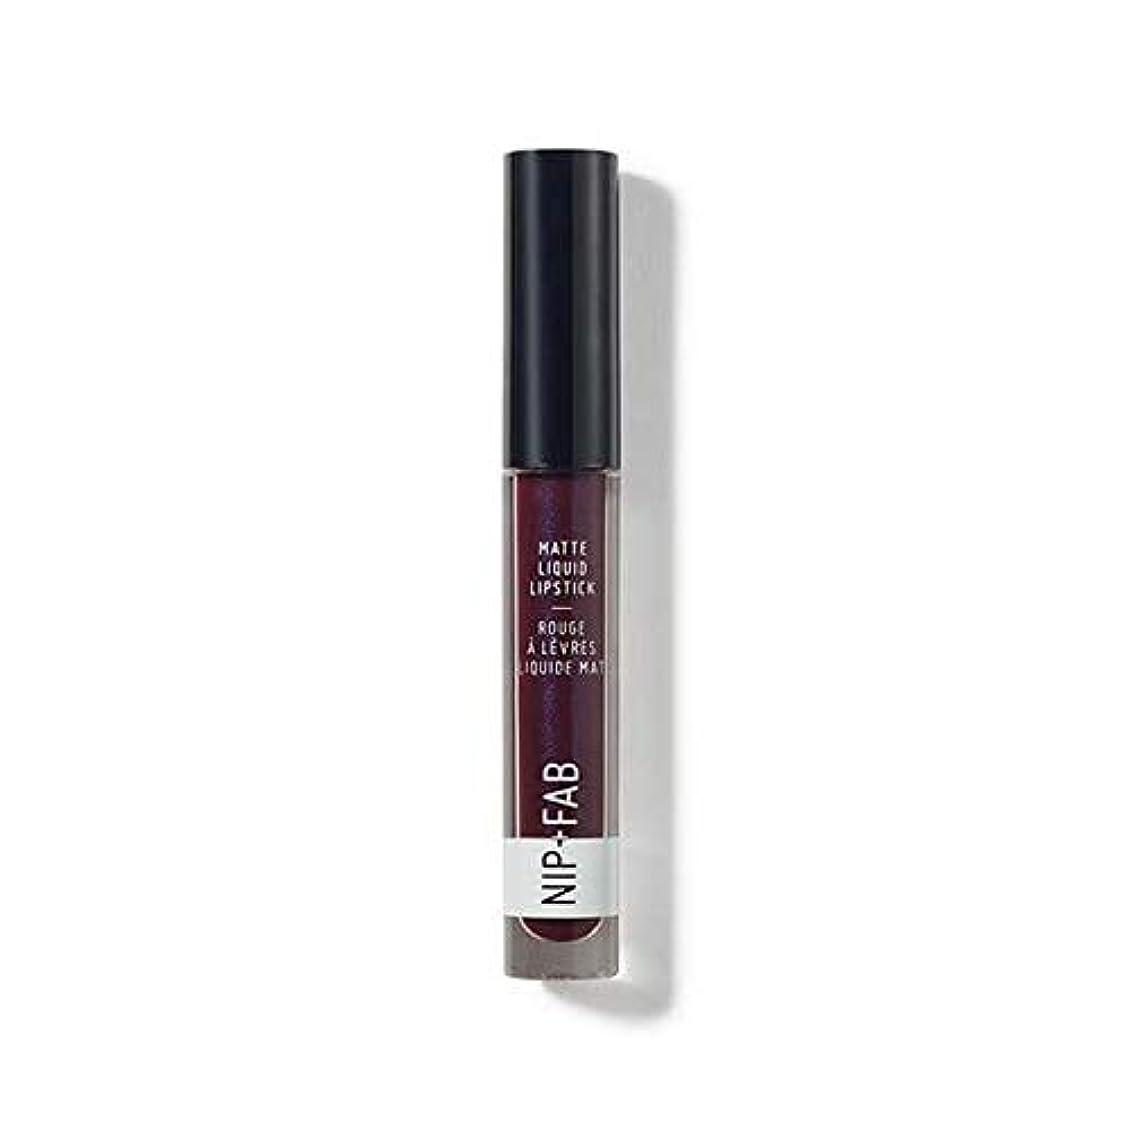 手首虚弱ビン[Nip & Fab ] + Fabマット液体口紅ブラックグレープ55ニップ - Nip+Fab Matte Liquid Lipstick Black Grape 55 [並行輸入品]